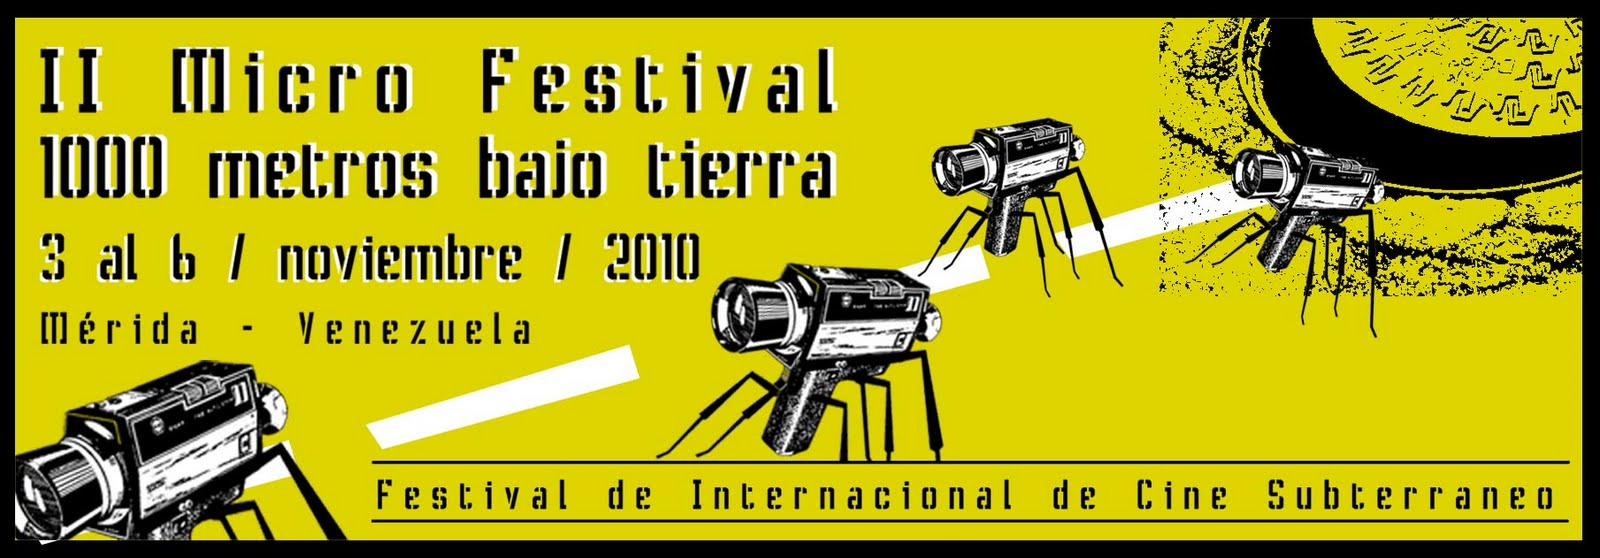 Convocatoria Festival 1000 metros bajo tierra 2010